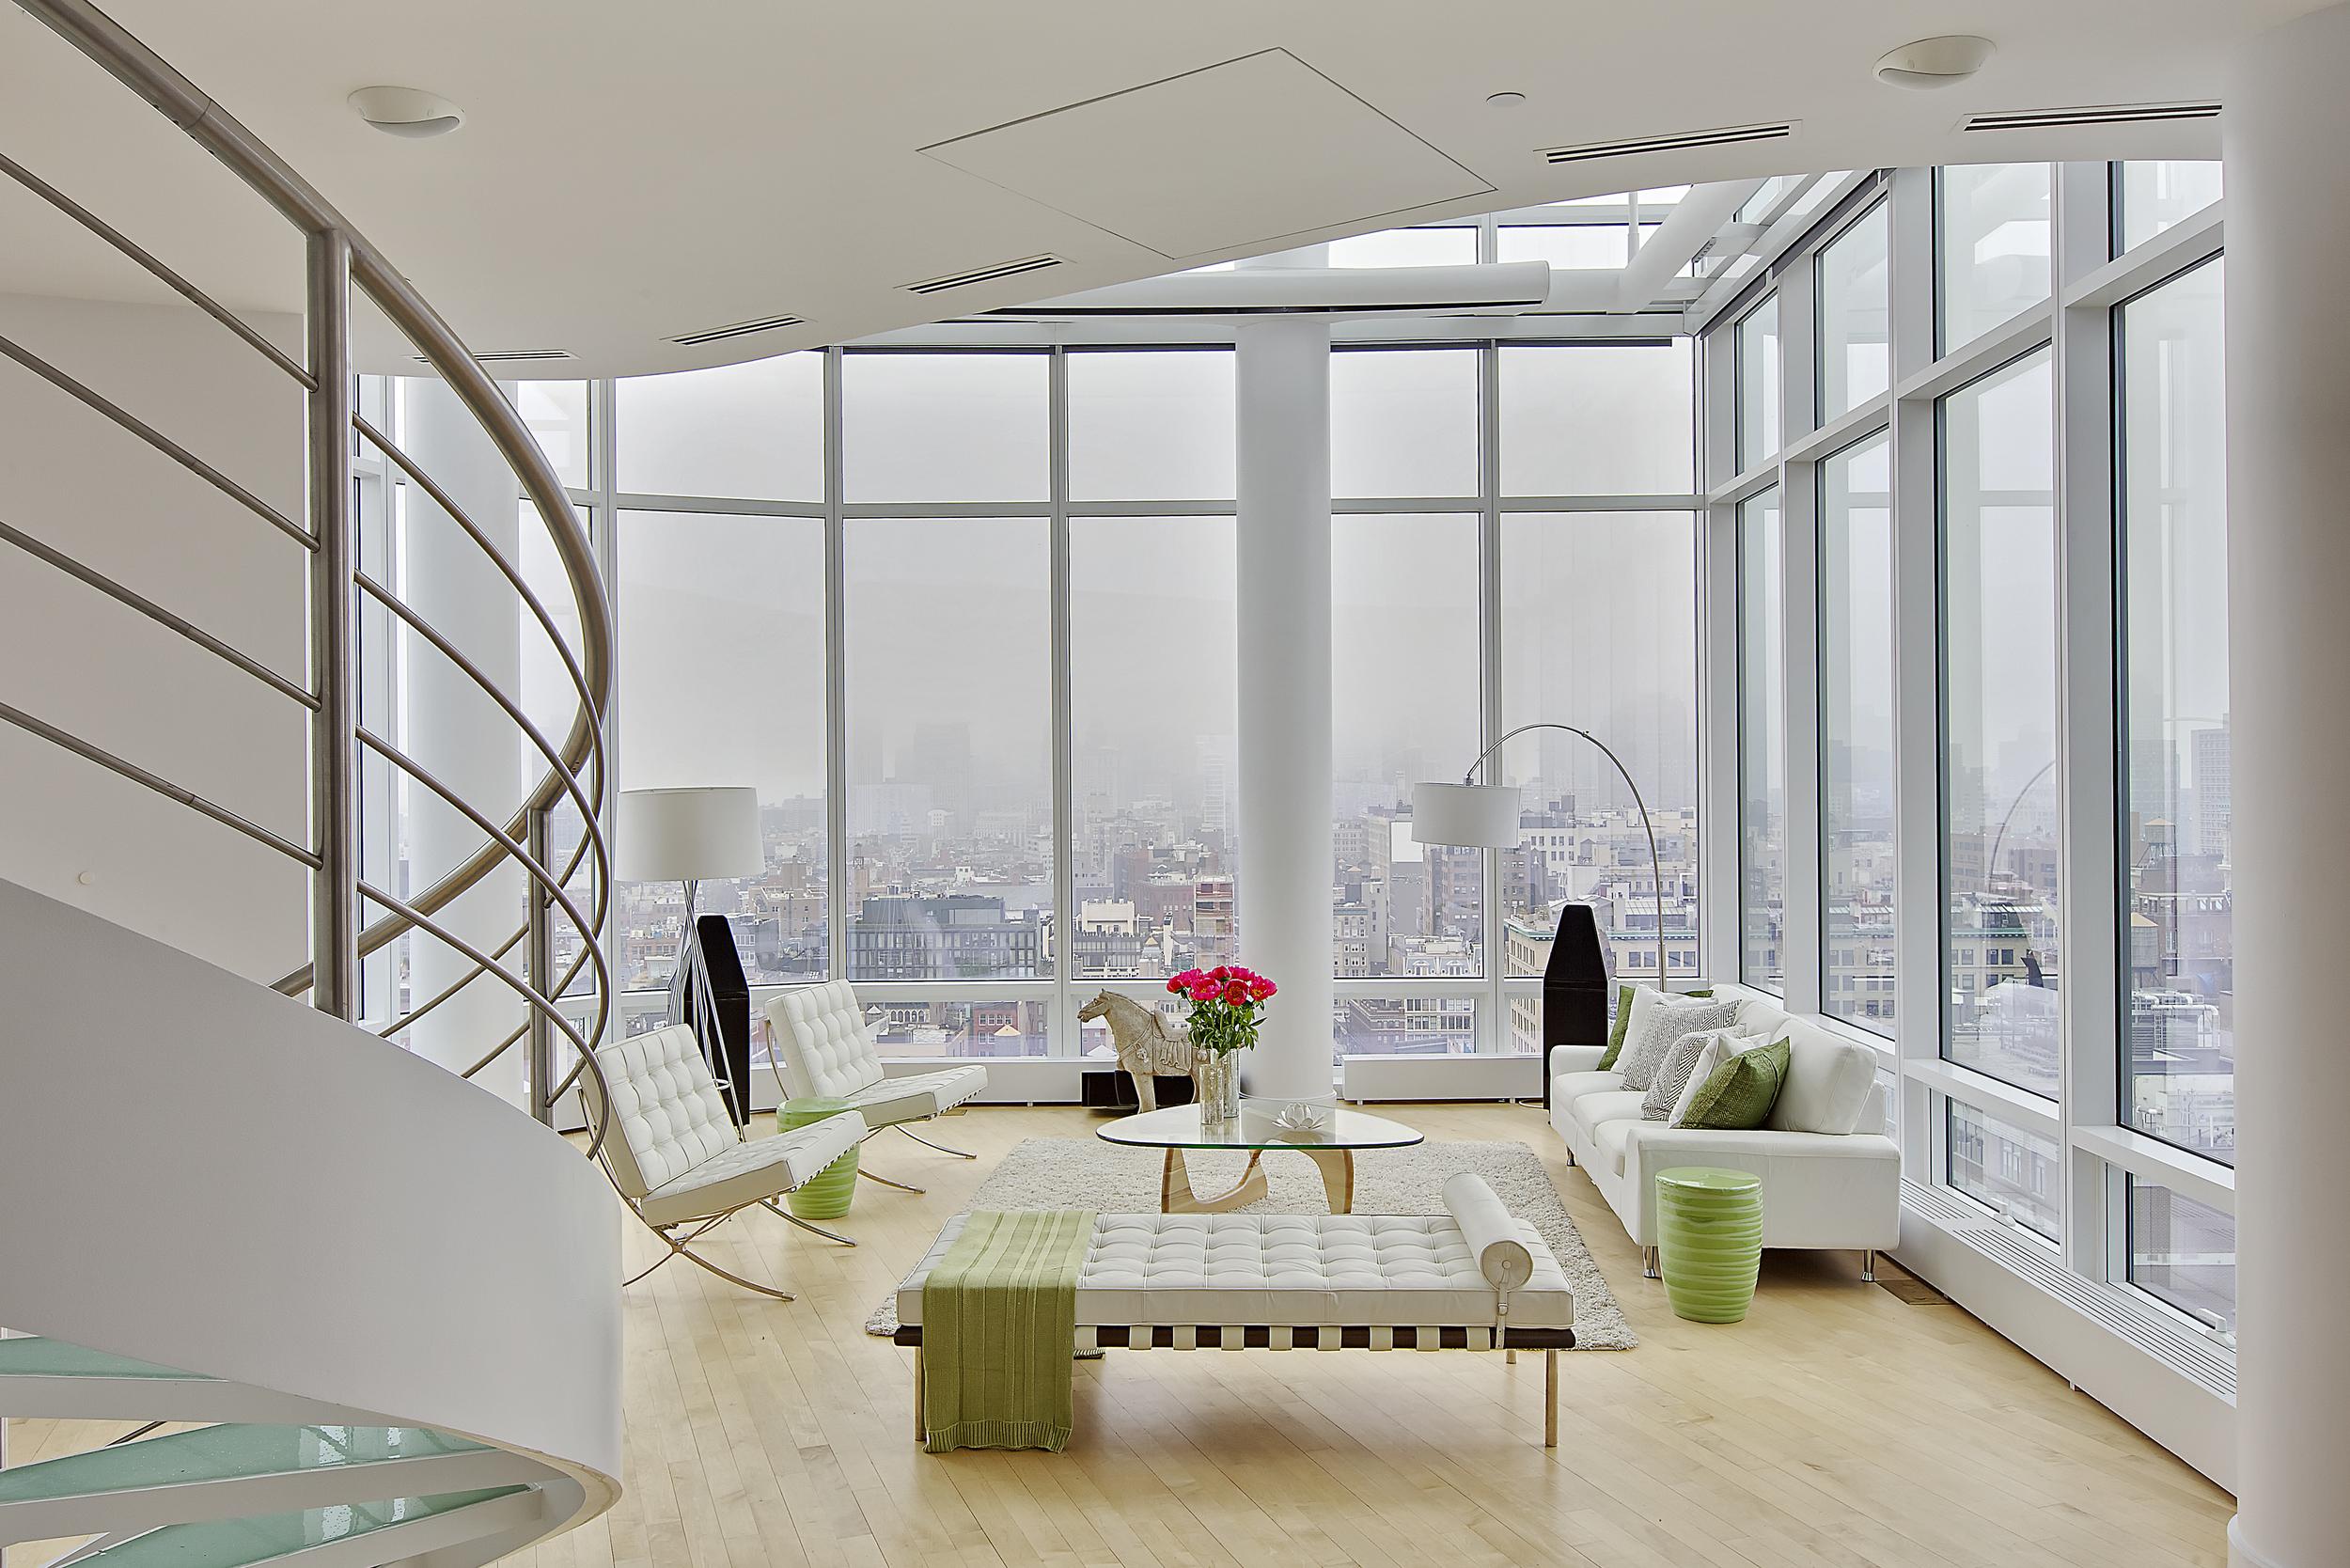 Interiors Gallery | MARIE BURGOS DESIGN